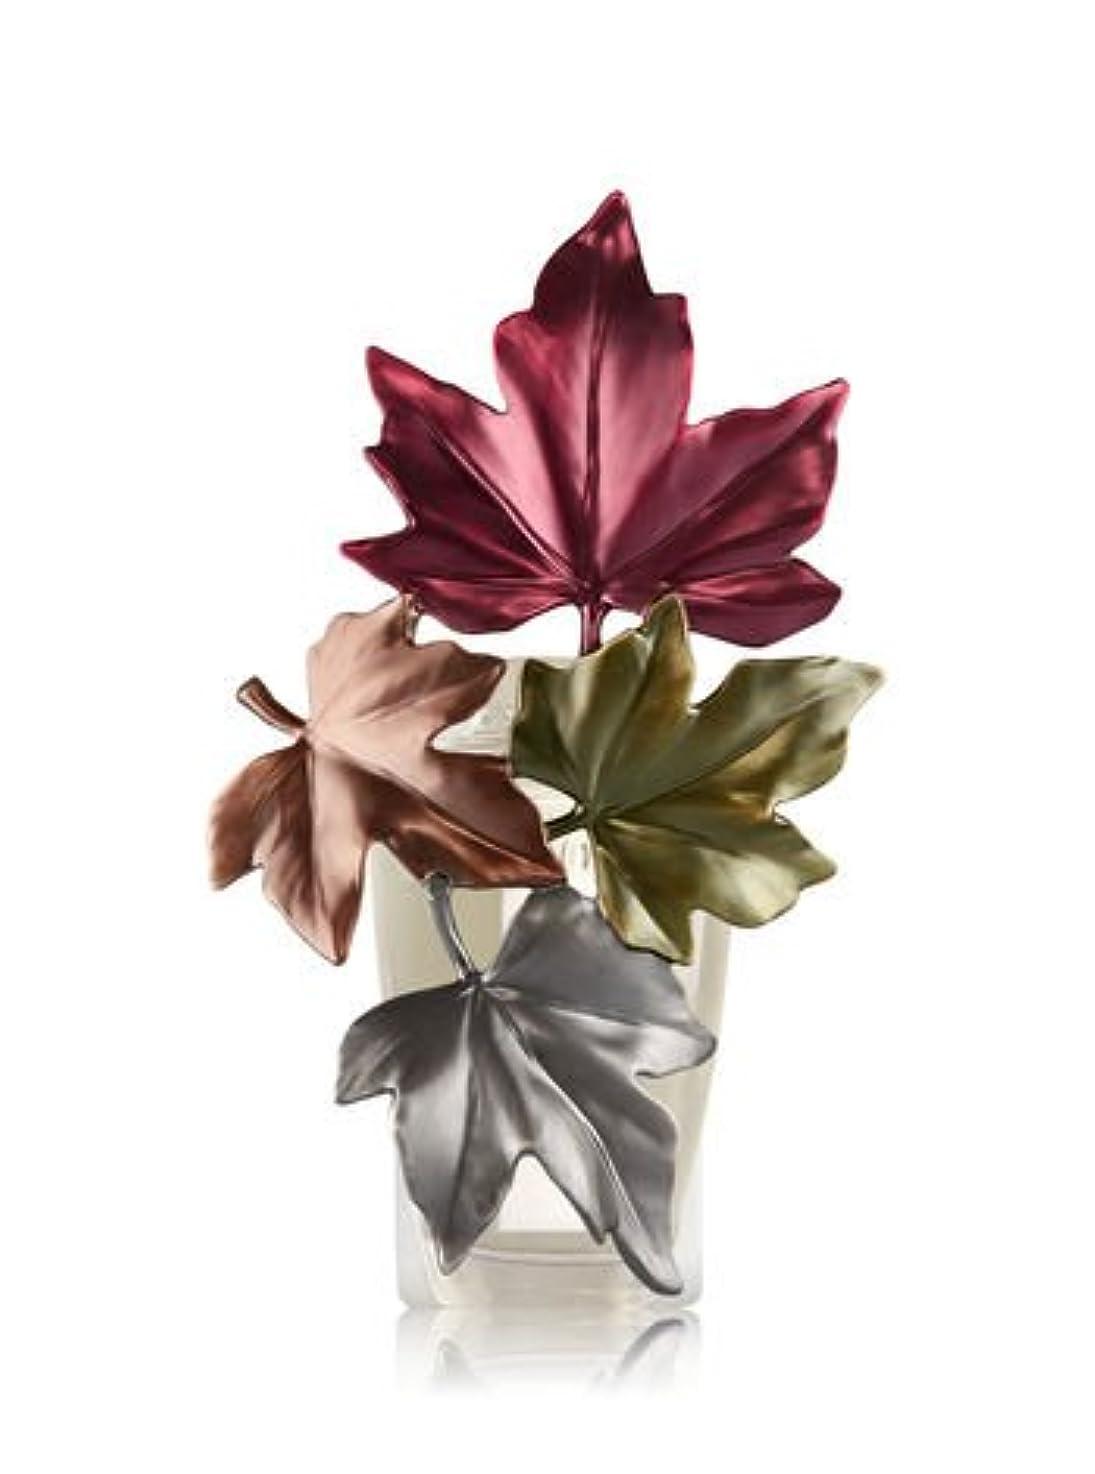 セッションマイク安価な【Bath&Body Works/バス&ボディワークス】 ルームフレグランス プラグインスターター (本体のみ) ラージフォールリーブスナイトライト Wallflowers Fragrance Large Fall Leaves...